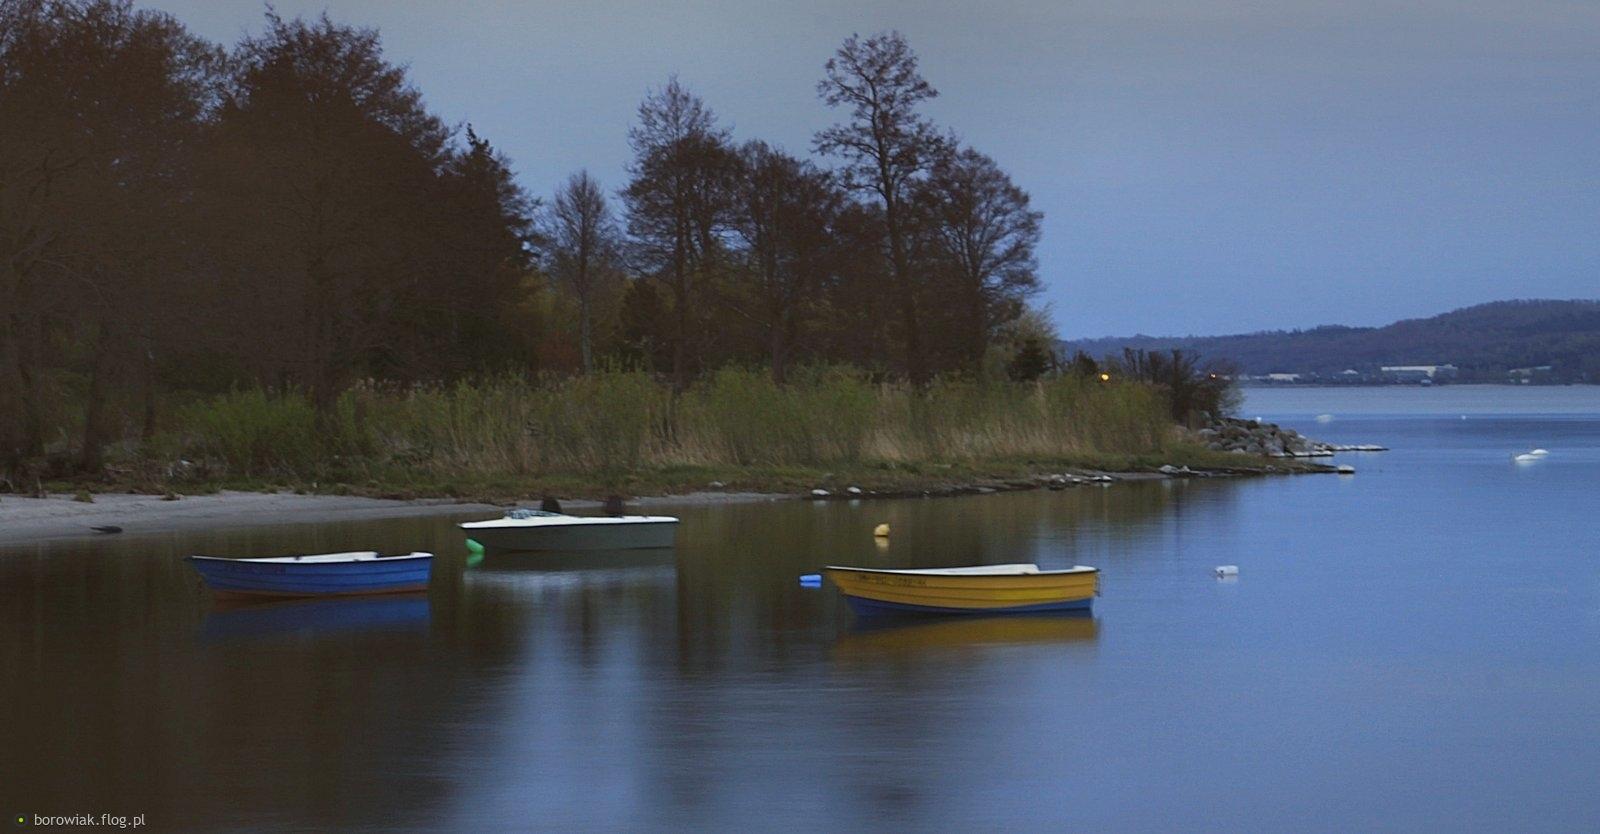 Nerwowe te łodzie, nie chcą stać w bezruchu...